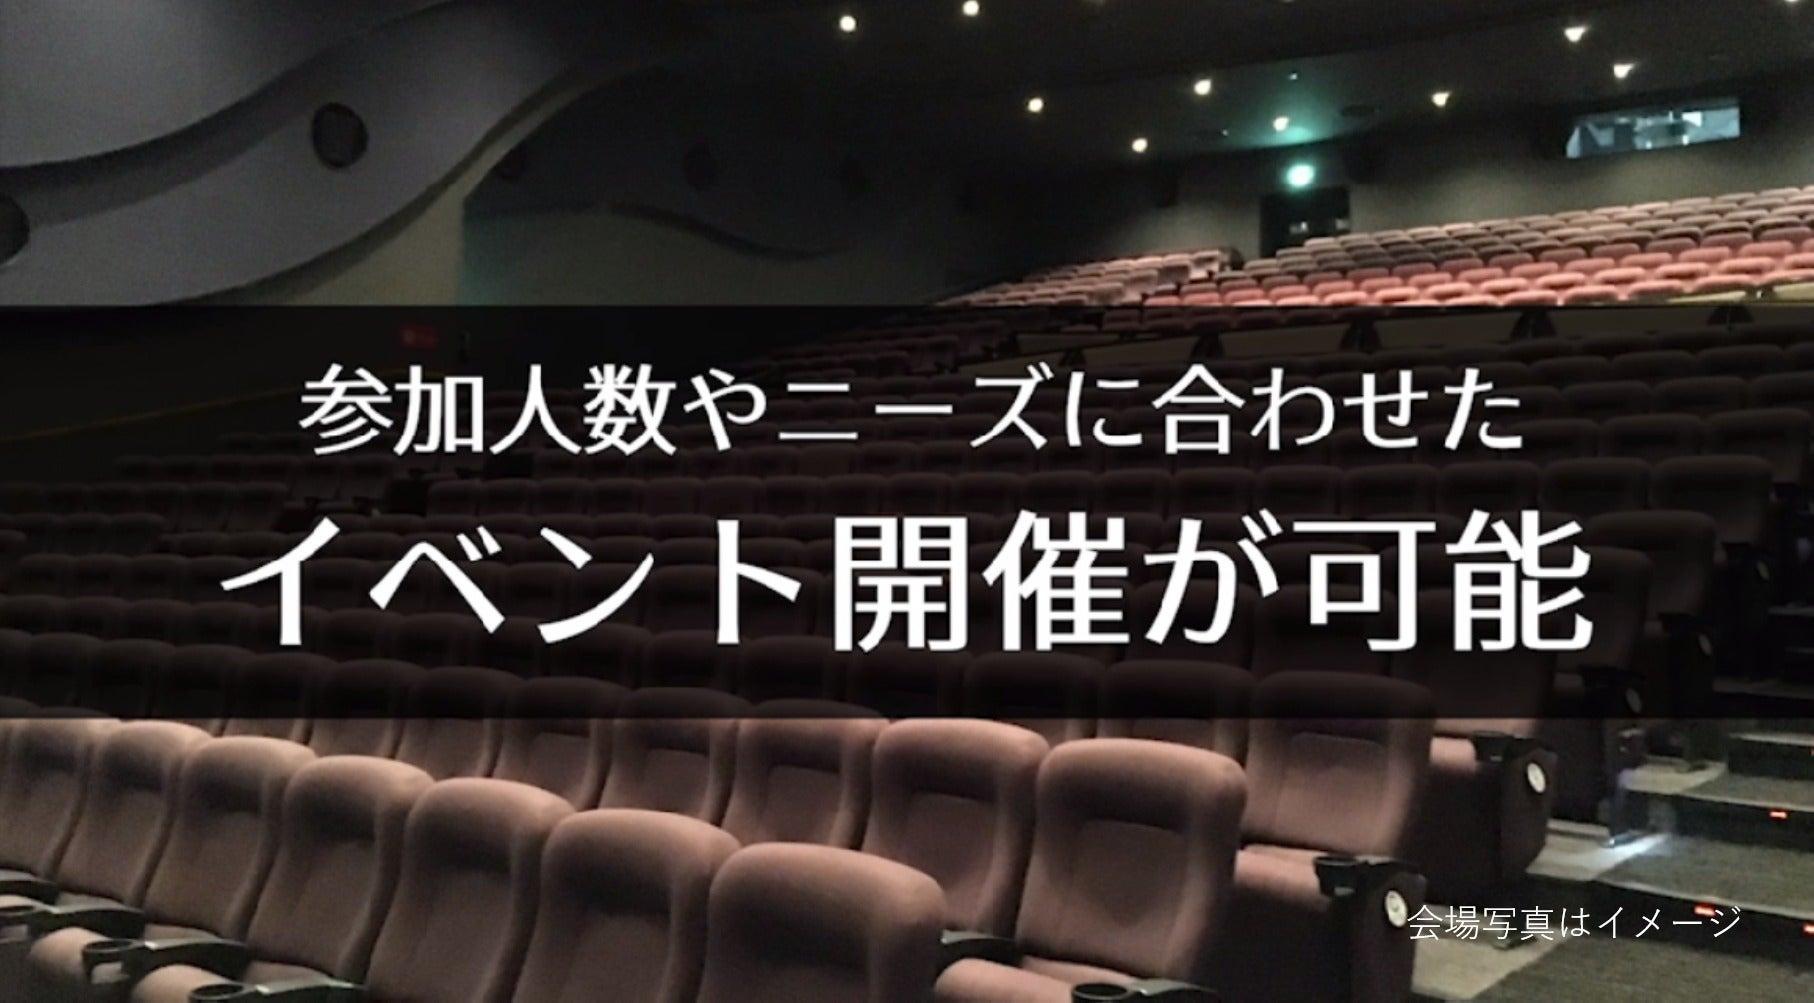 【枚方 134席】映画館で、会社説明会、株主総会、講演会の企画はいかがですか?(ユナイテッド・シネマ枚方) の写真0